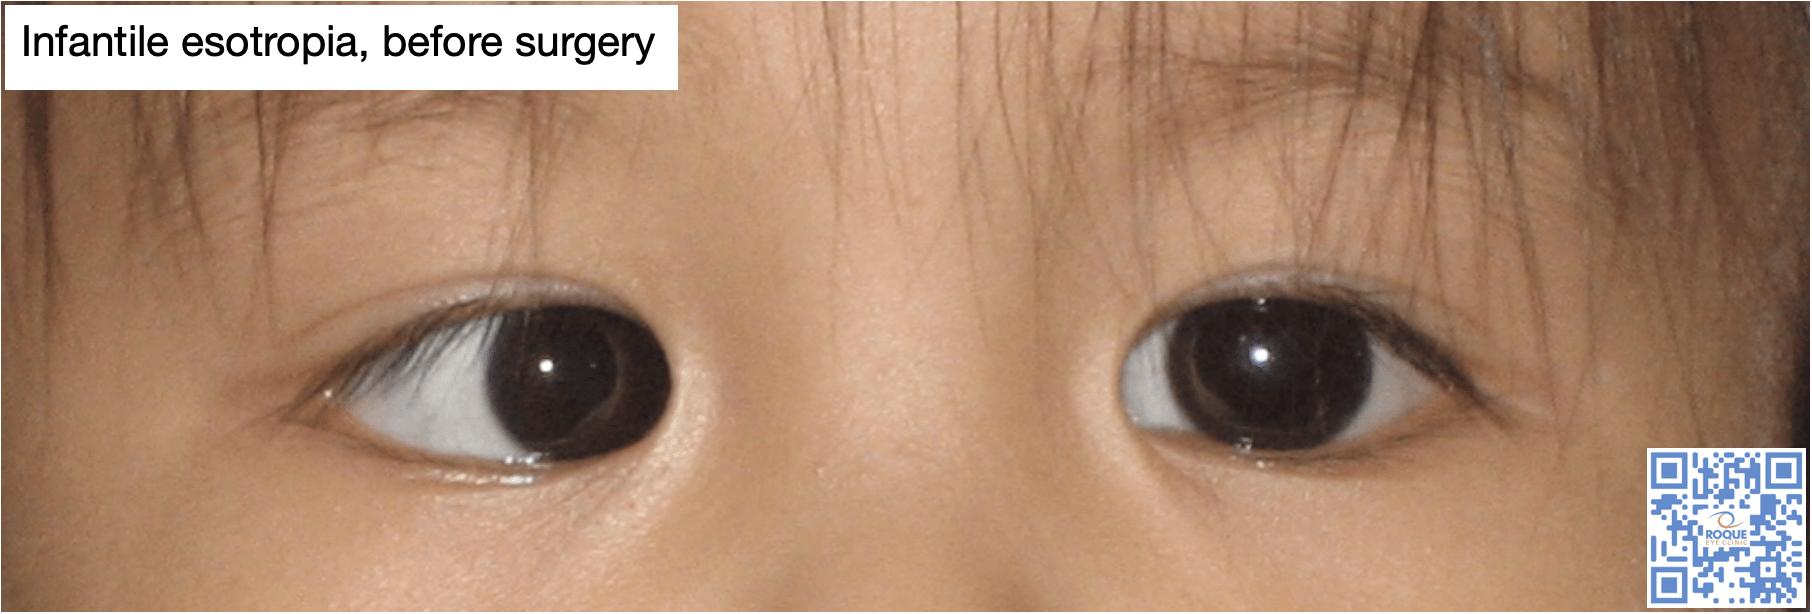 Infantile Esotropia